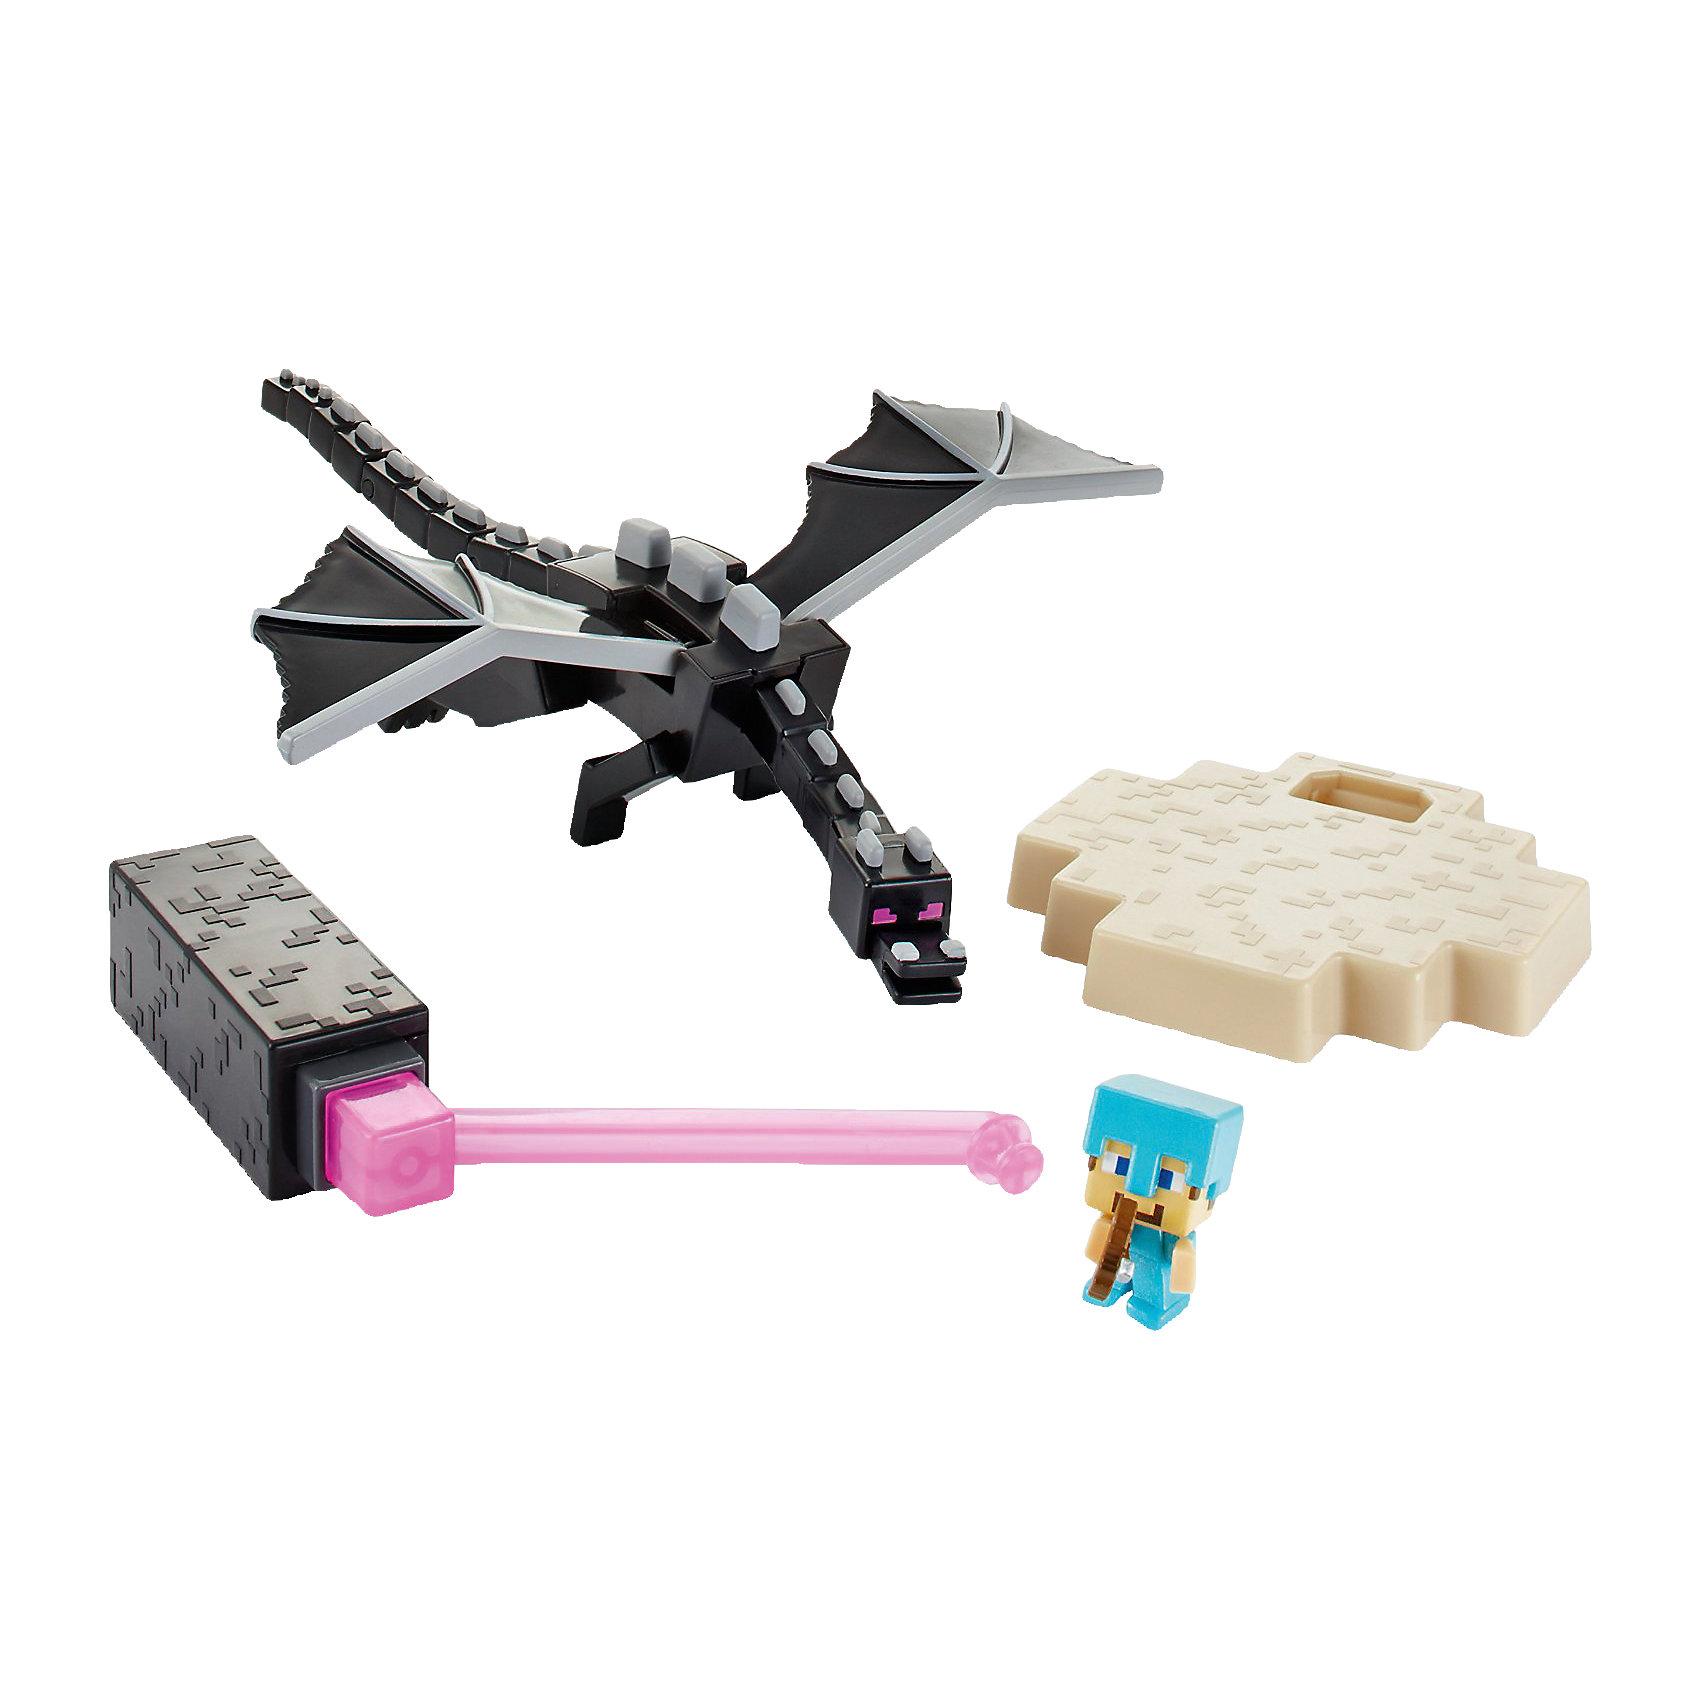 Игровой набор Стив против Дракона, MinecraftИгровой набор Стив против Дракона, Minecraft (Майнкрафт)<br><br>Комплект фигурок Стив против Дракона - это мечта любителей Minecraft (Майнкрафт) (популярной компьютерной игры), но он понравится и тем, кто обожает драконов. Герой может бороться с драконом с помощью алмазной брони голубого цвета и арбалетом со стрелой. Дракон - подвижный, он может шевелить большими черными крыльями и хвостом.<br>Набор изготовлен из качественного пластика с высокой детализацией.<br>Набор сделан из высококачественных, легких и безопасных для детей материалов (из качественного пластика с высокой детализацией). Продается в красивой тематической упаковке.<br><br>Дополнительная информация:<br><br>цвет: разноцветный;<br>комплектация: 2 фигурки, диорама, стенд;<br>материал: пластик;<br>размер упаковки: 15x21x17 см;<br>упаковка: картонная коробка блистерного типа.<br><br>Игровой набор Стив против Дракона, Minecraft (Майнкрафт) можно купить в нашем магазине.<br><br>Ширина мм: 210<br>Глубина мм: 165<br>Высота мм: 156<br>Вес г: 297<br>Возраст от месяцев: 72<br>Возраст до месяцев: 120<br>Пол: Мужской<br>Возраст: Детский<br>SKU: 4373773